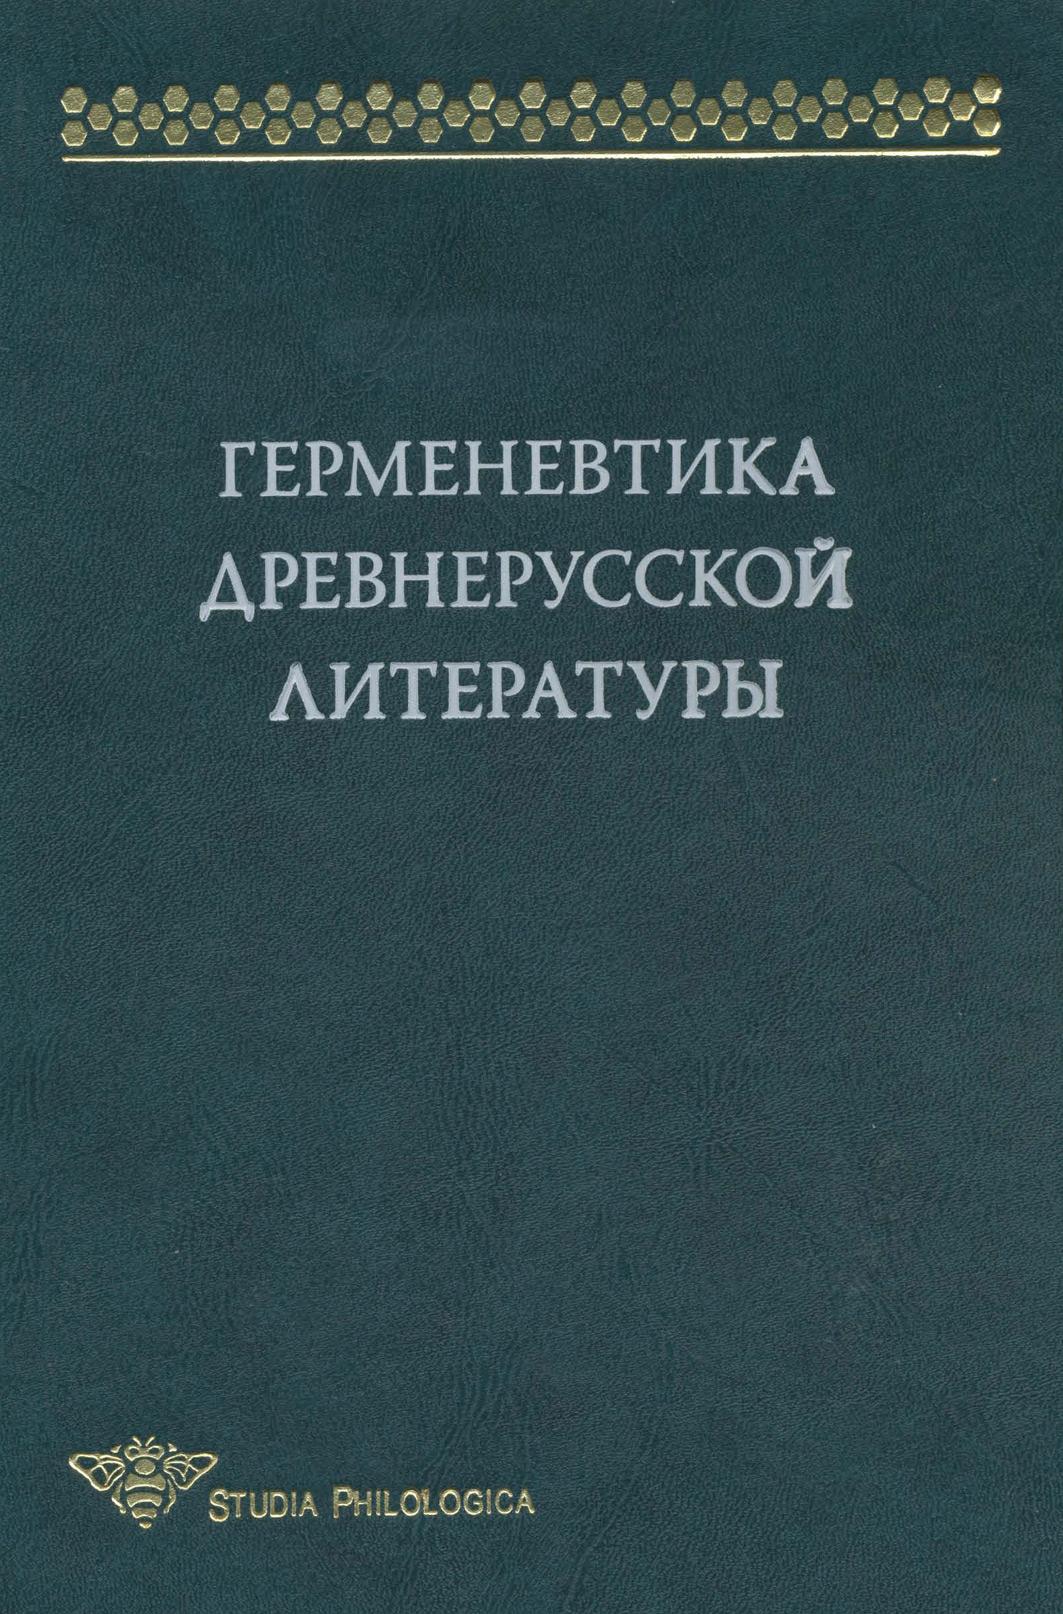 Купить книгу Герменевтика древнерусской литературы. Сборник 14, автора Коллектива авторов